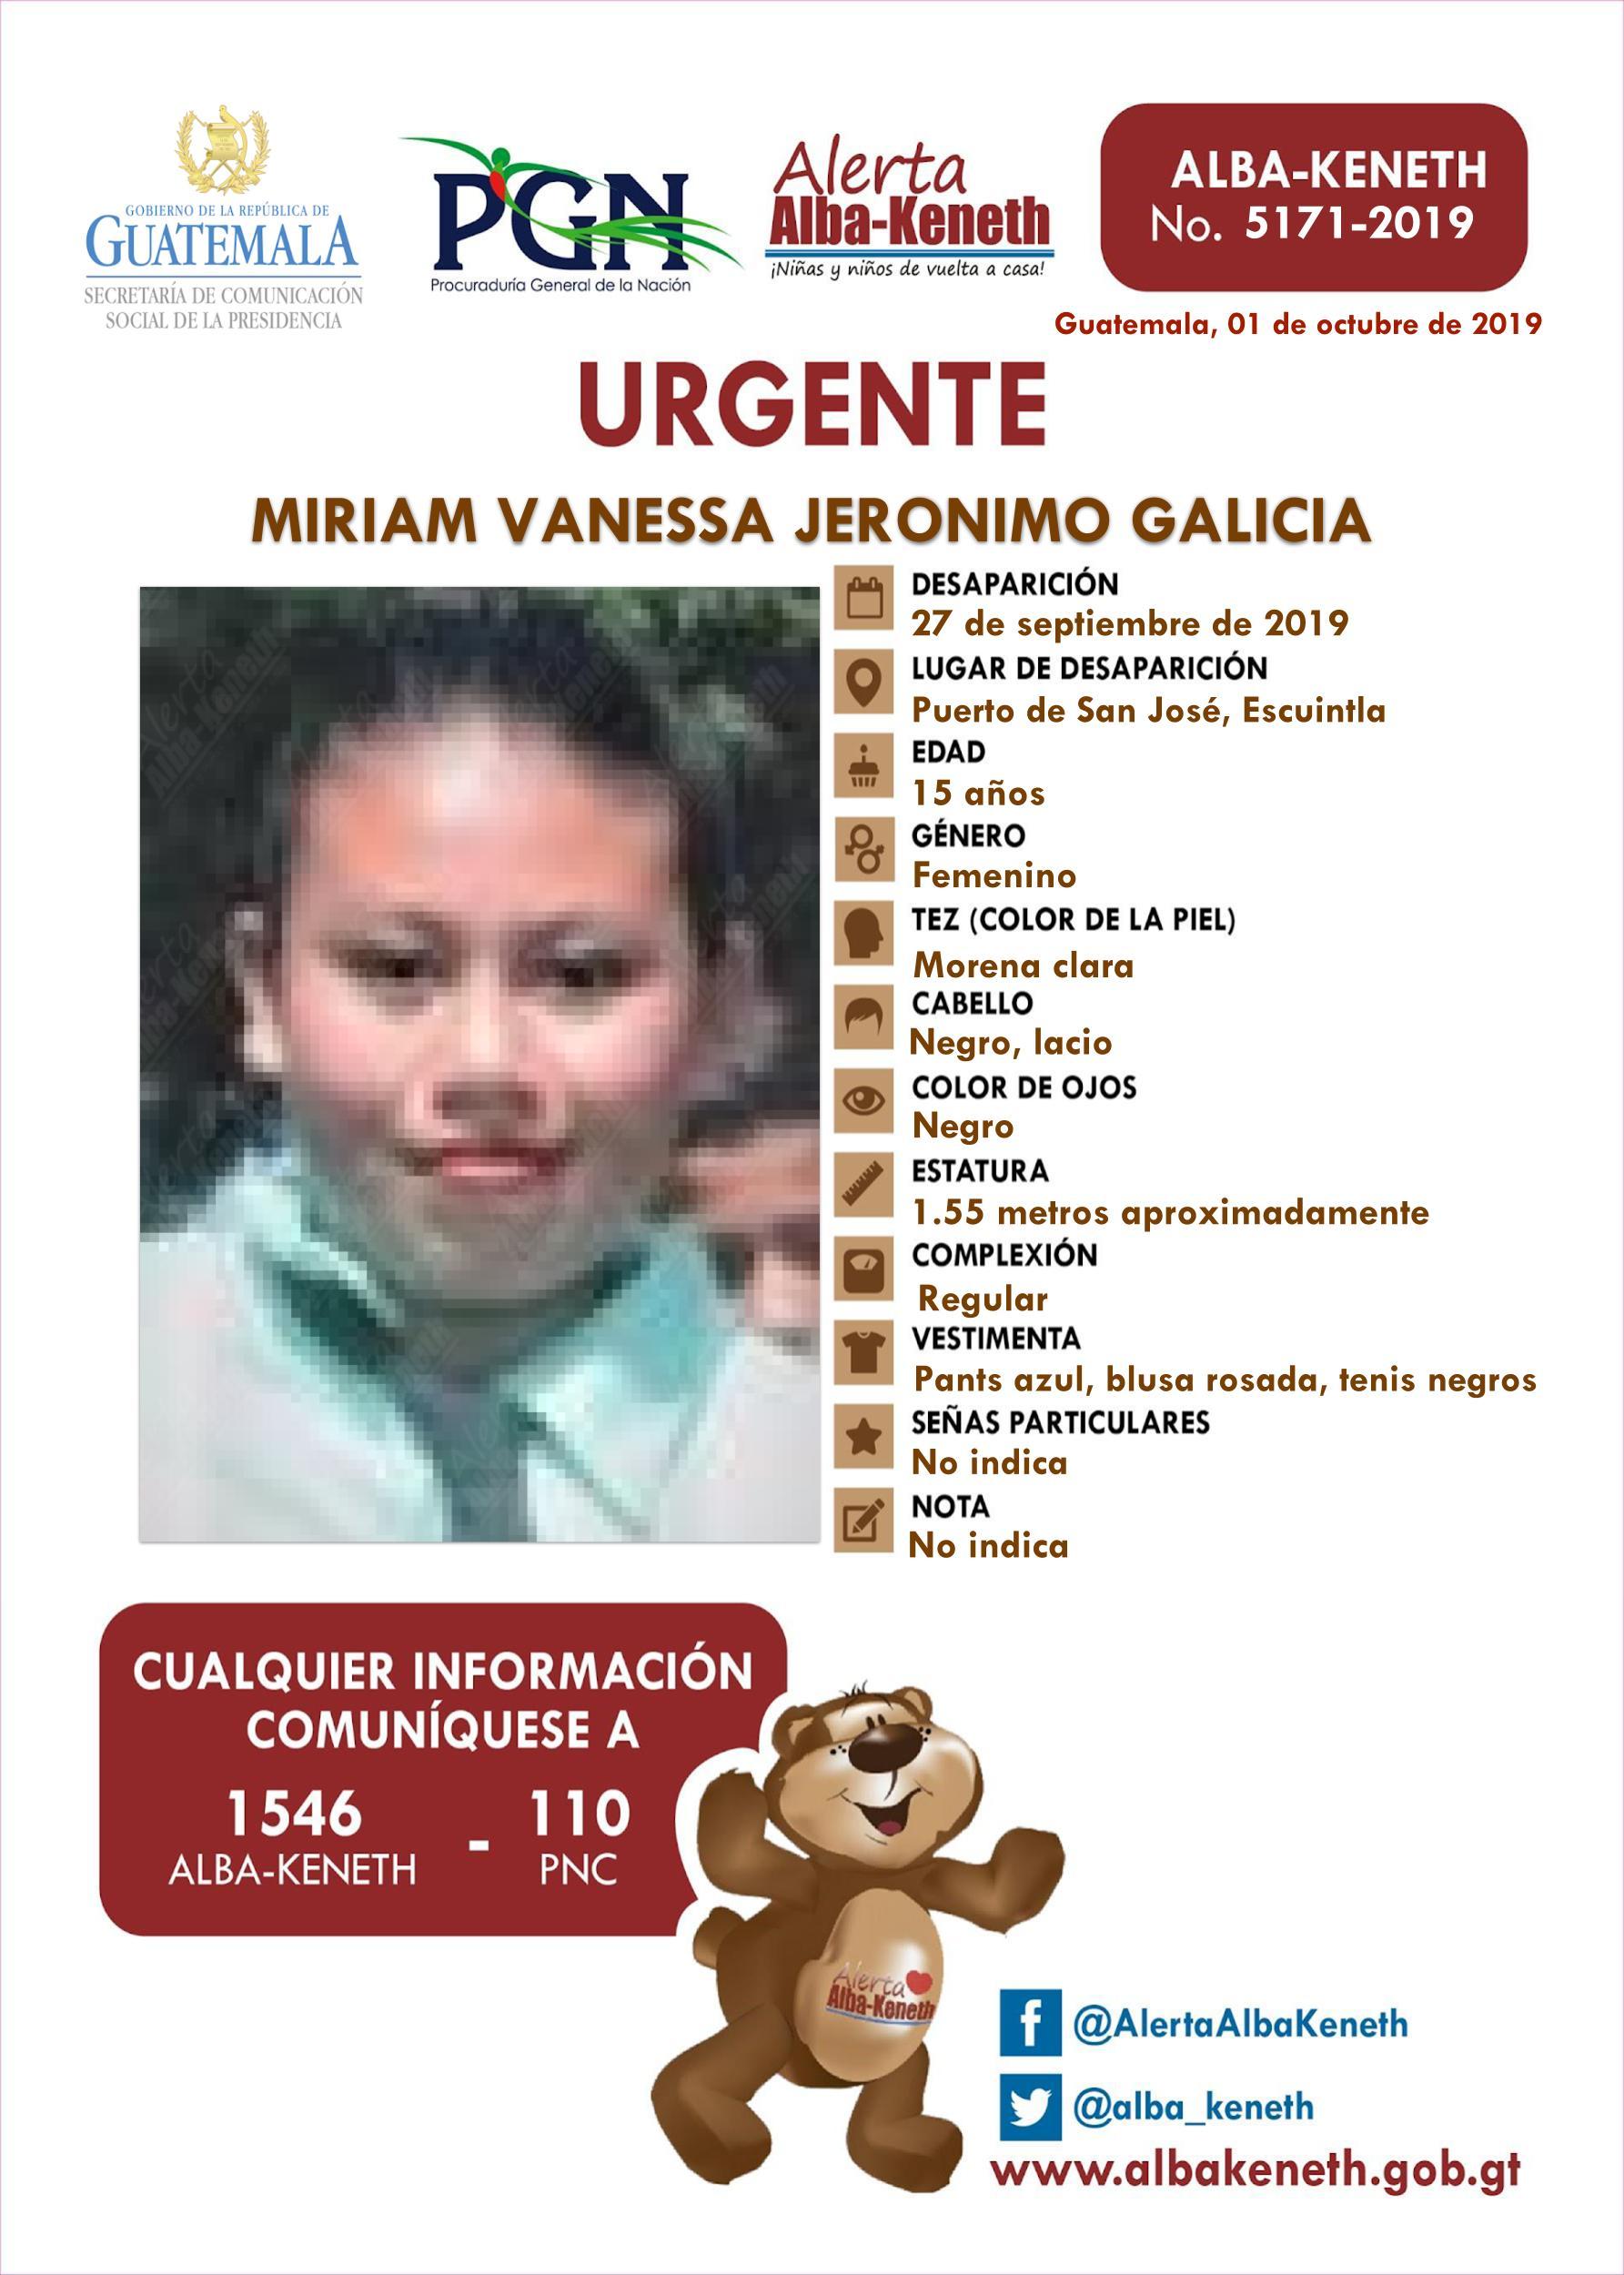 Miriam Vanessa Jeronimo Galicia